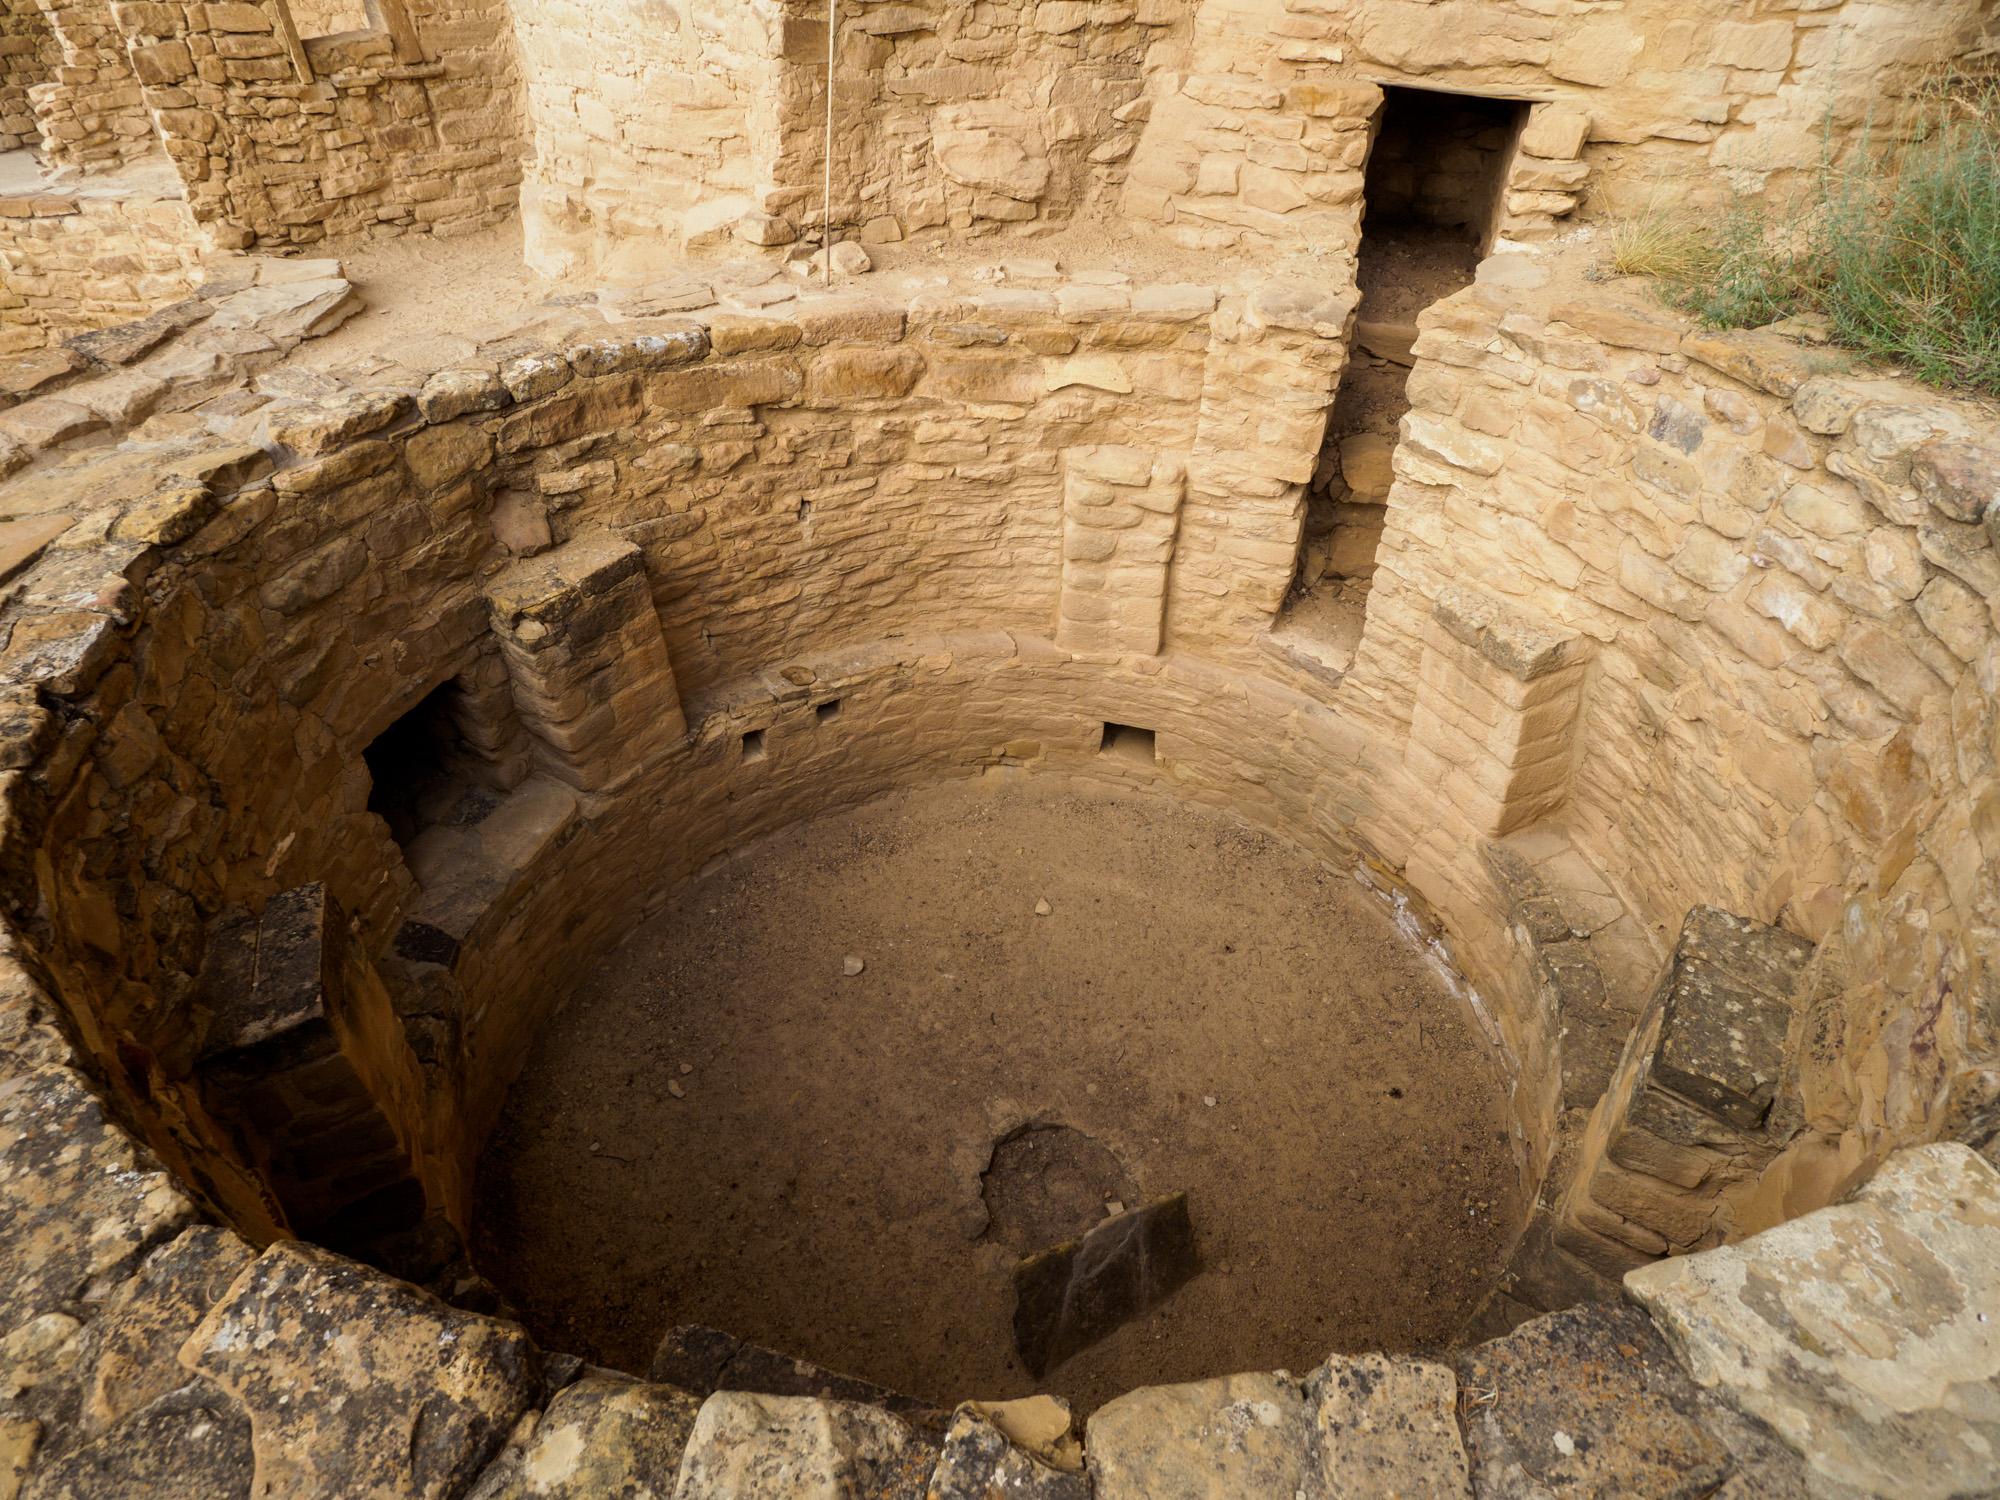 Mesa Verde Nationalpark - Grundriss von einem ehemaligen Haus im Cliff Palace